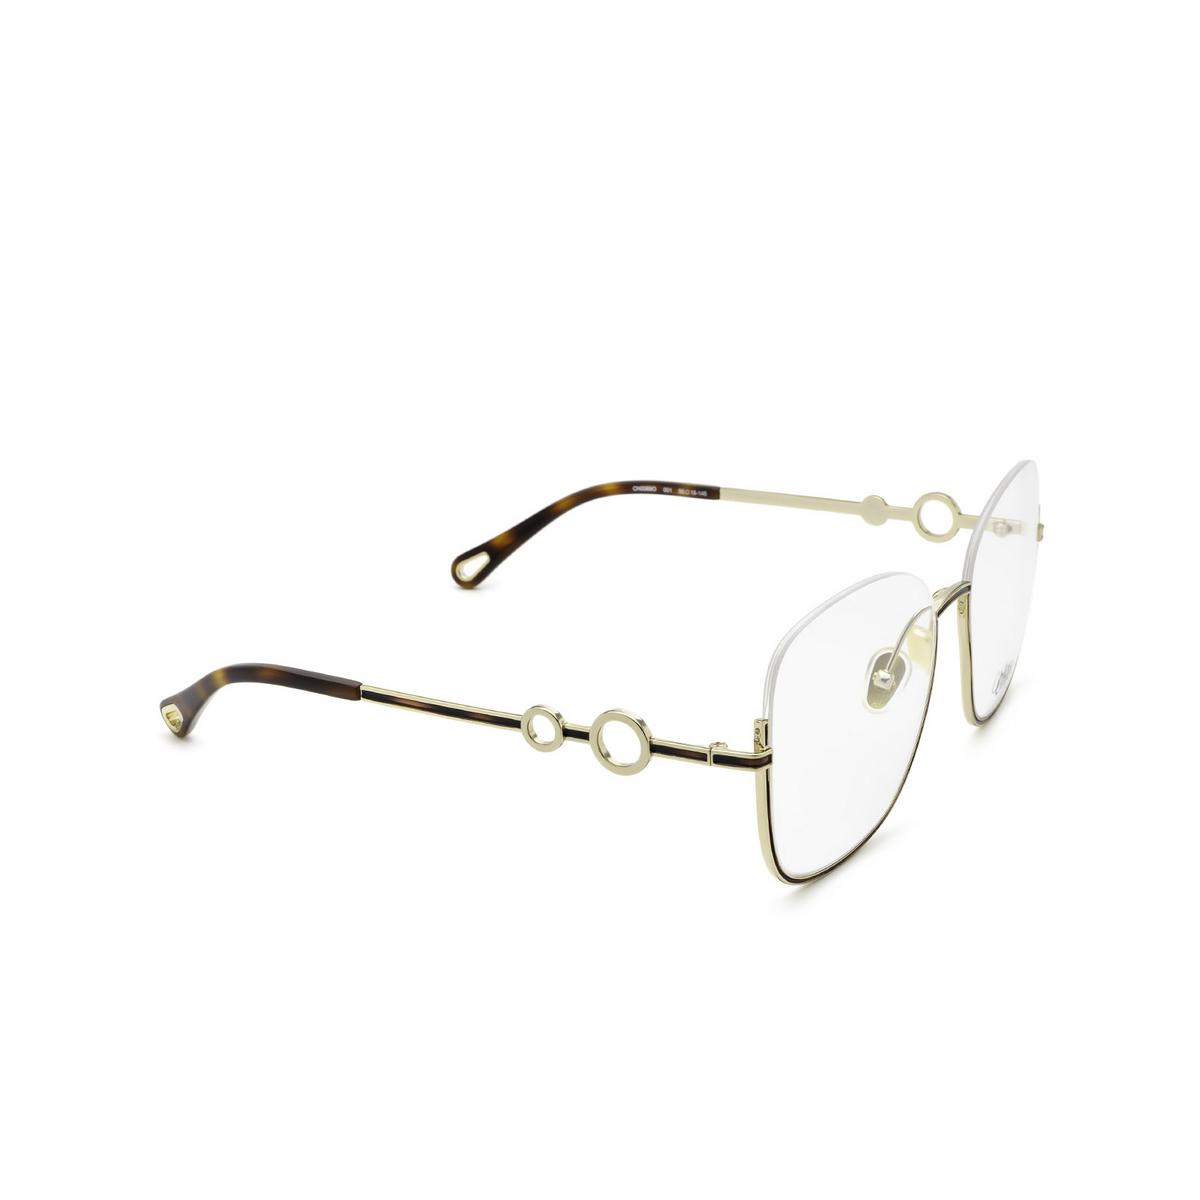 Chloé® Square Eyeglasses: CH0069O color Gold 001 - three-quarters view.